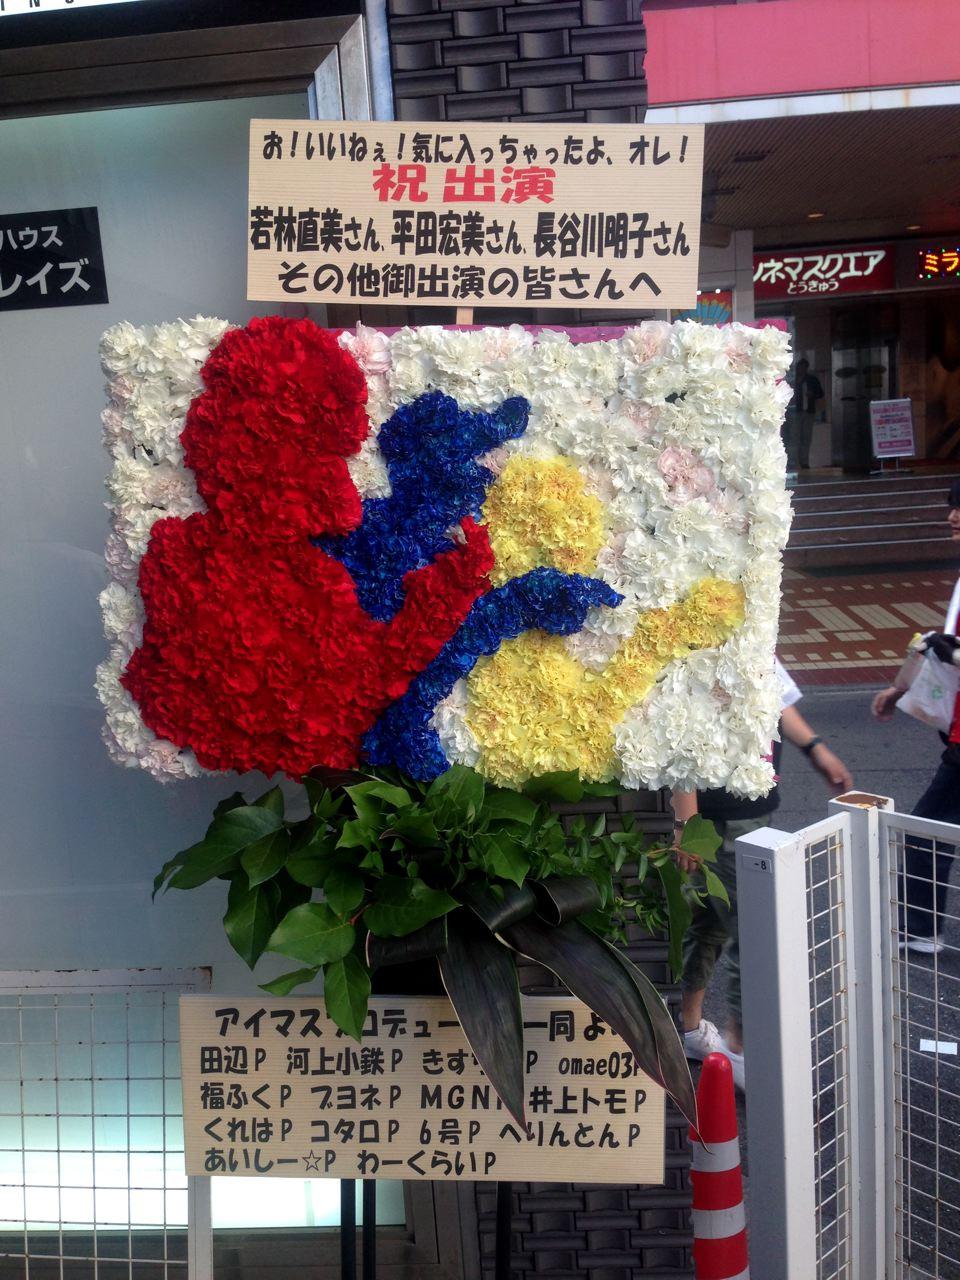 http://livedoor.blogimg.jp/tanabeseizi/imgs/0/a/0ac41d31.jpg